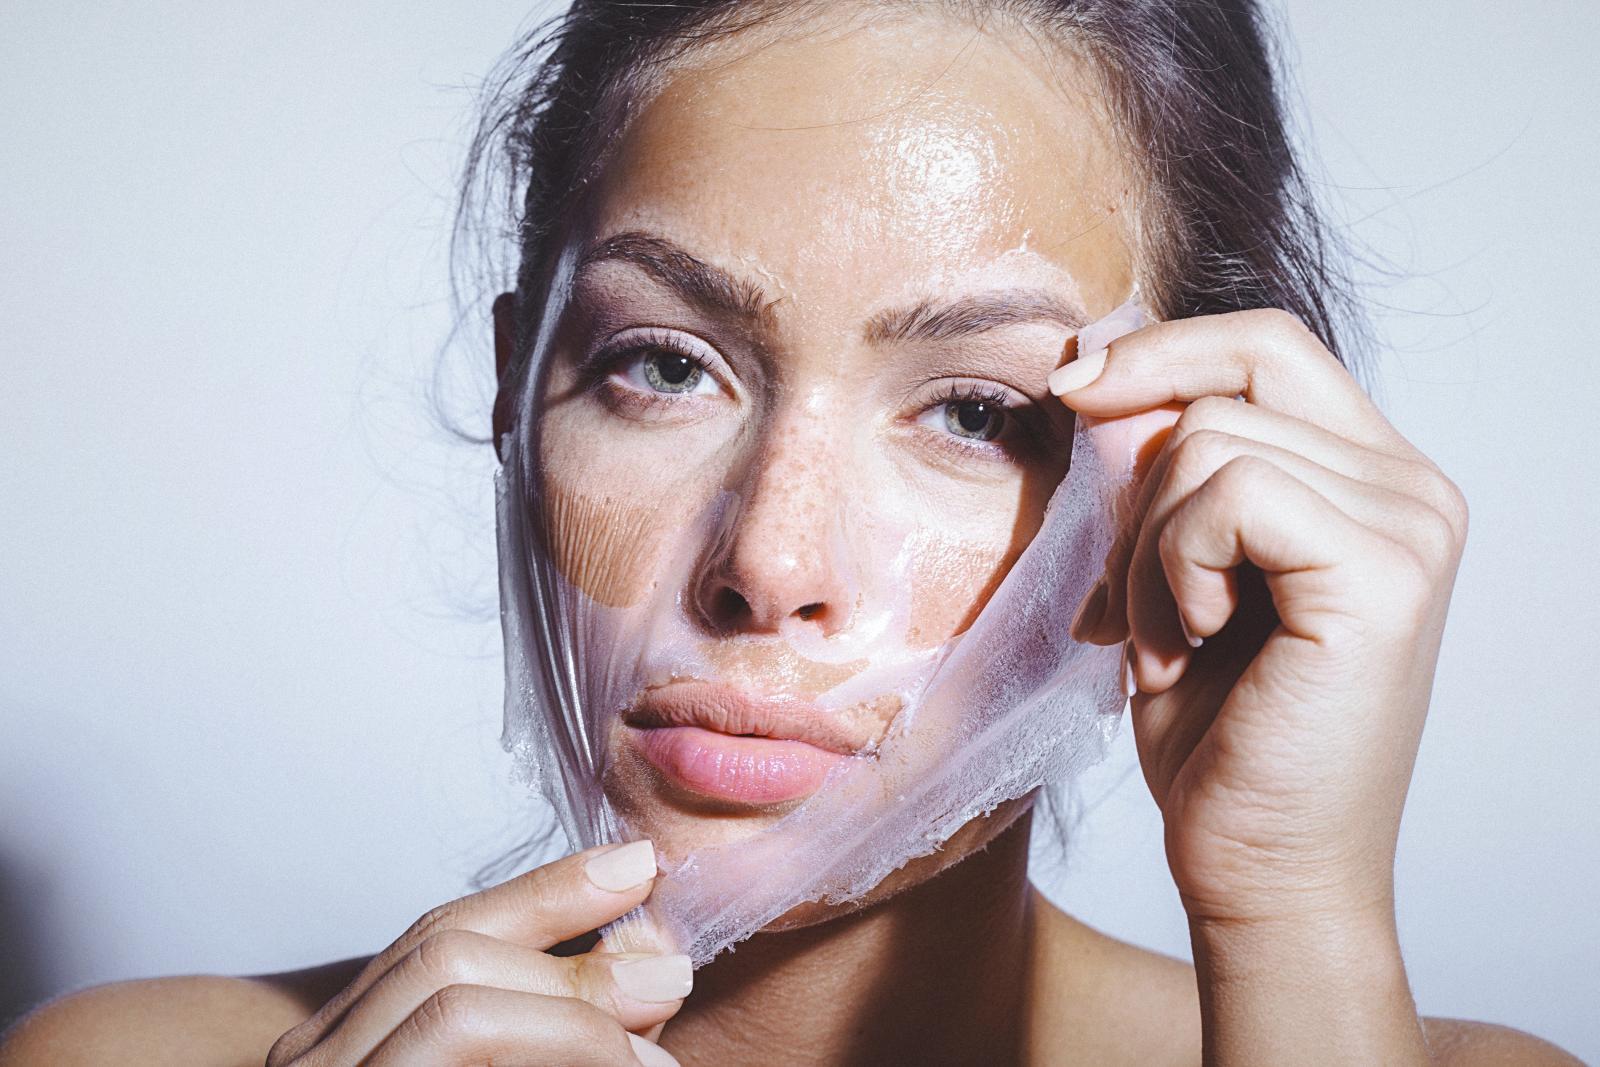 Naša koža s vremenom može postati otporna na neke preparate, pa se može činiti kao da je više suha ili masnija nego inače.